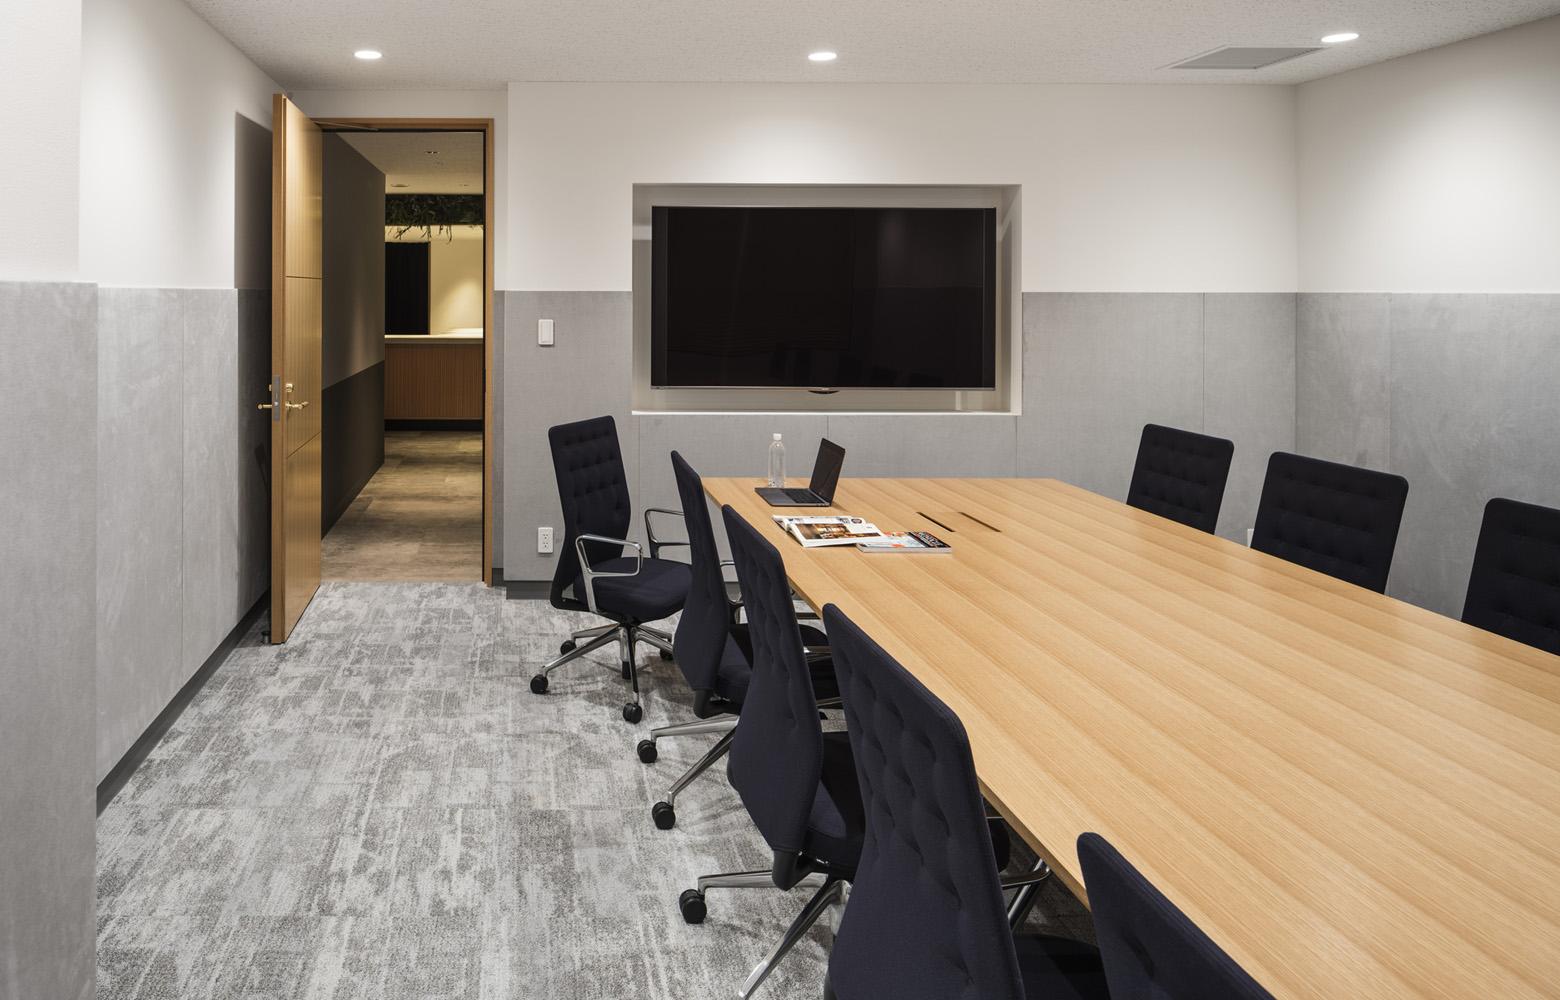 株式会社バンダイナムコセブンズ Meeting Room_2 デザイン・レイアウト事例